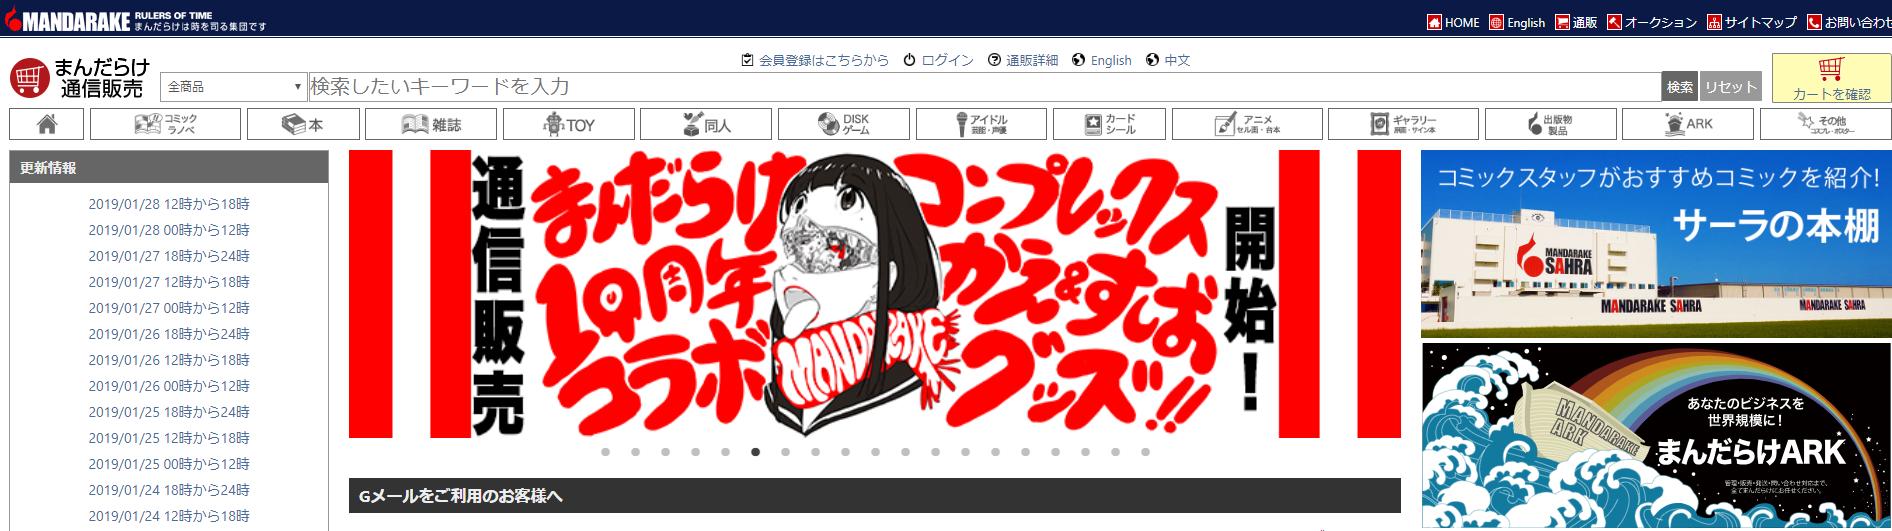 купить аниме товары из Японии - мандараке - ZenMarket